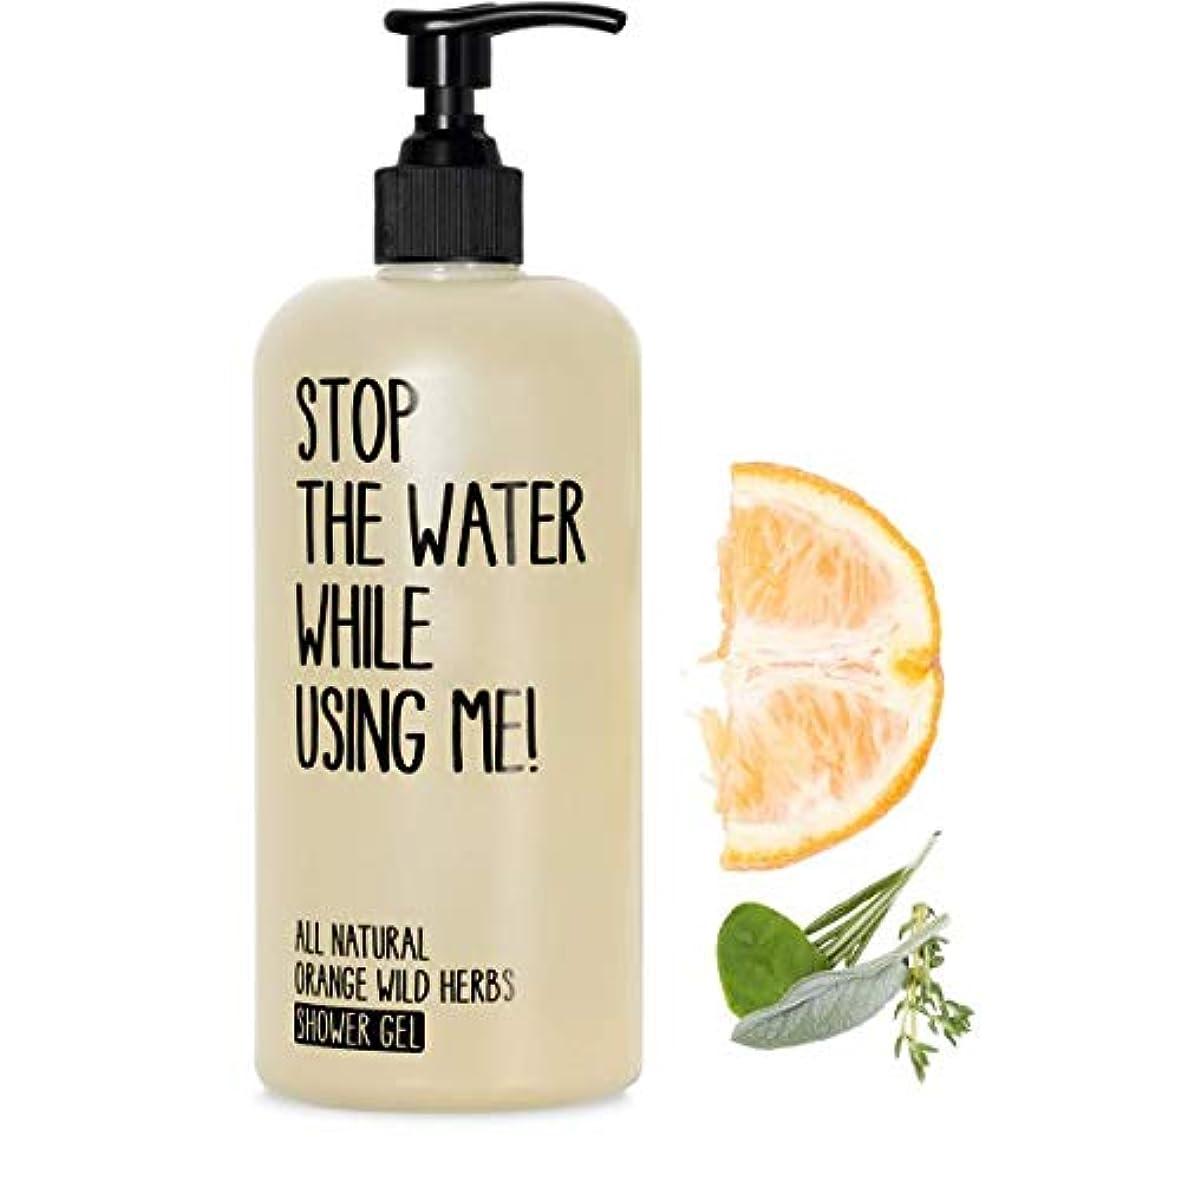 仮定するプラカード悲惨【STOP THE WATER WHILE USING ME!】 O&WHシャワージェル(オレンジ&ワイルドハーブ) 200ml